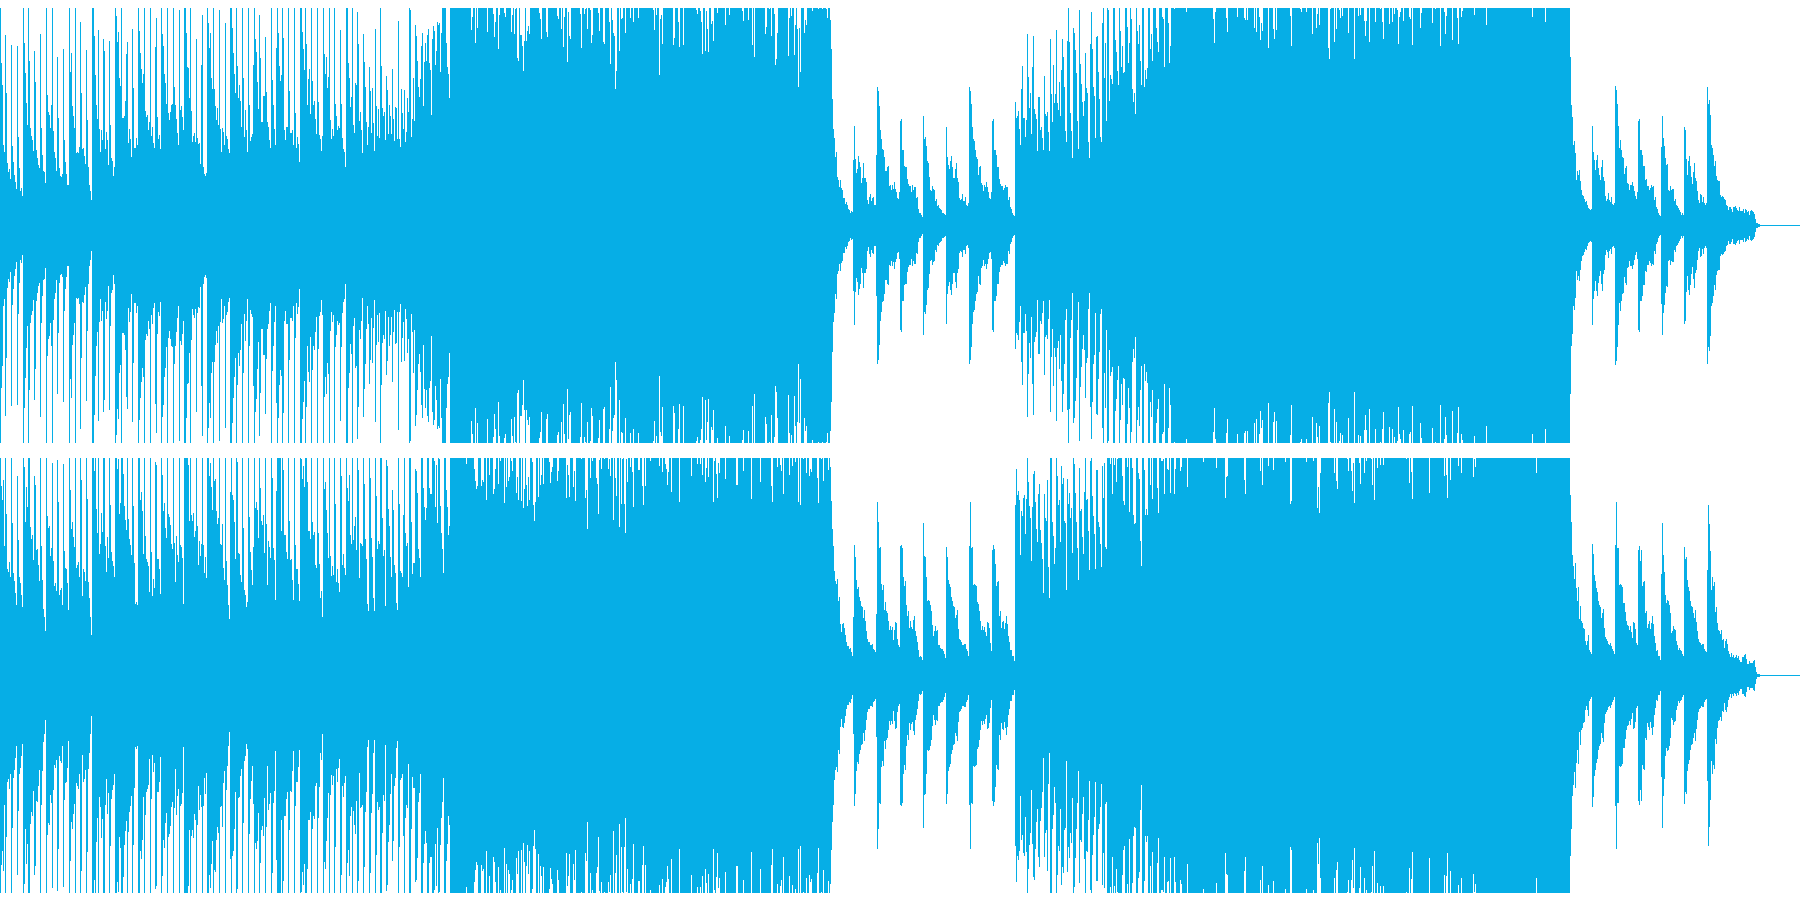 ドラマティックで壮大なBGMの再生済みの波形